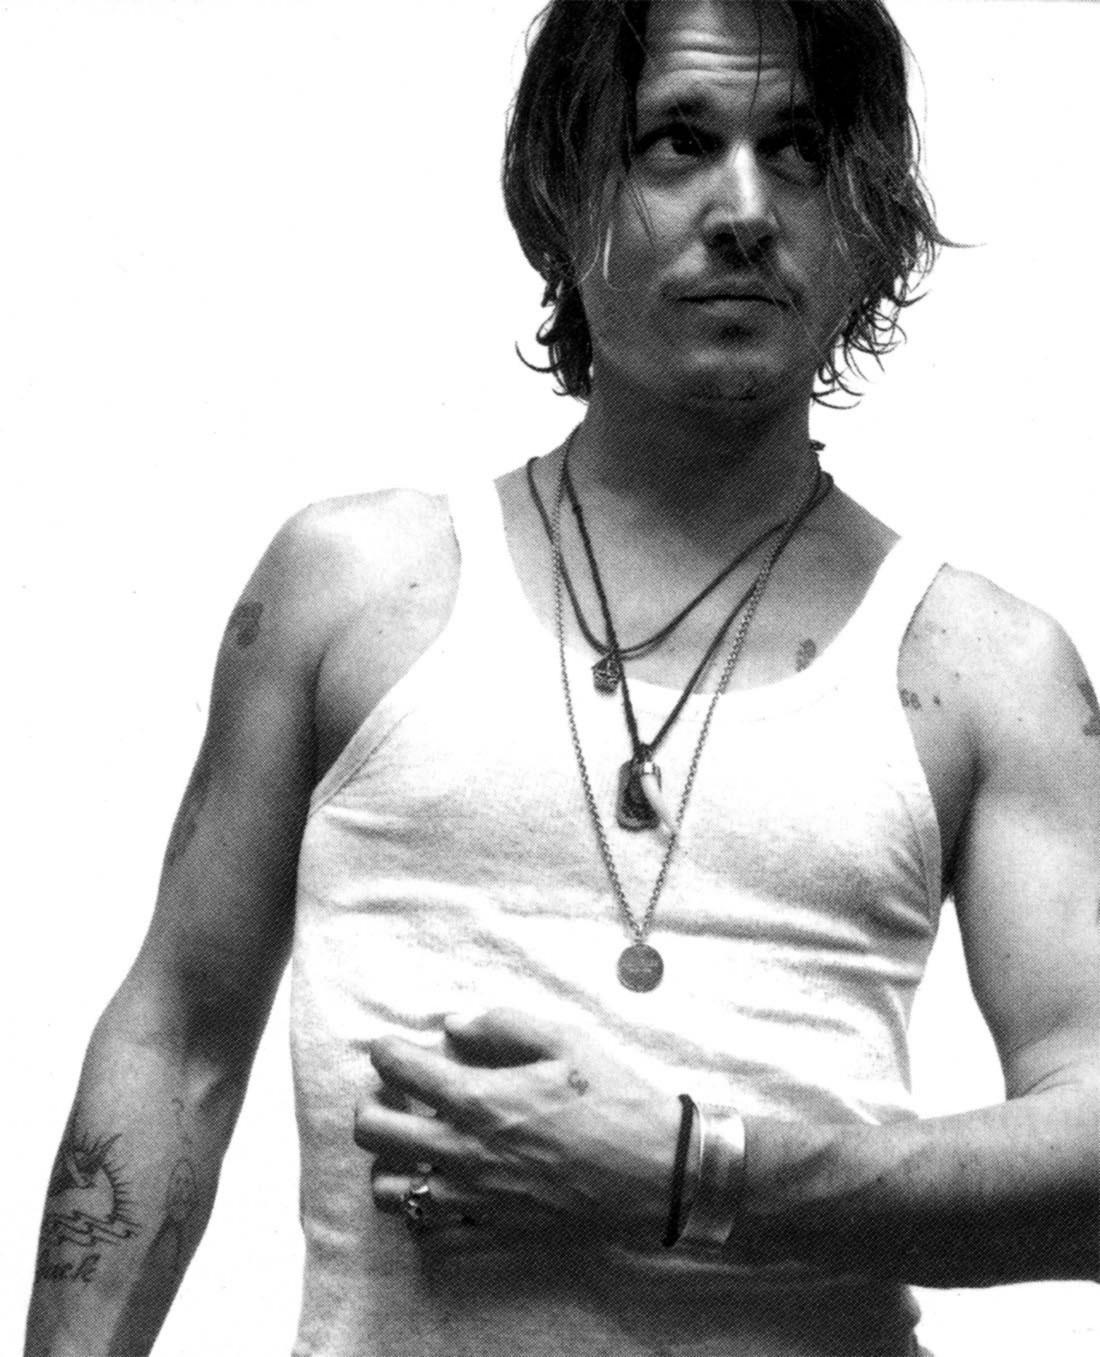 13666 скачать обои Люди, Актеры, Мужчины, Джонни Депп (Johnny Depp) - заставки и картинки бесплатно